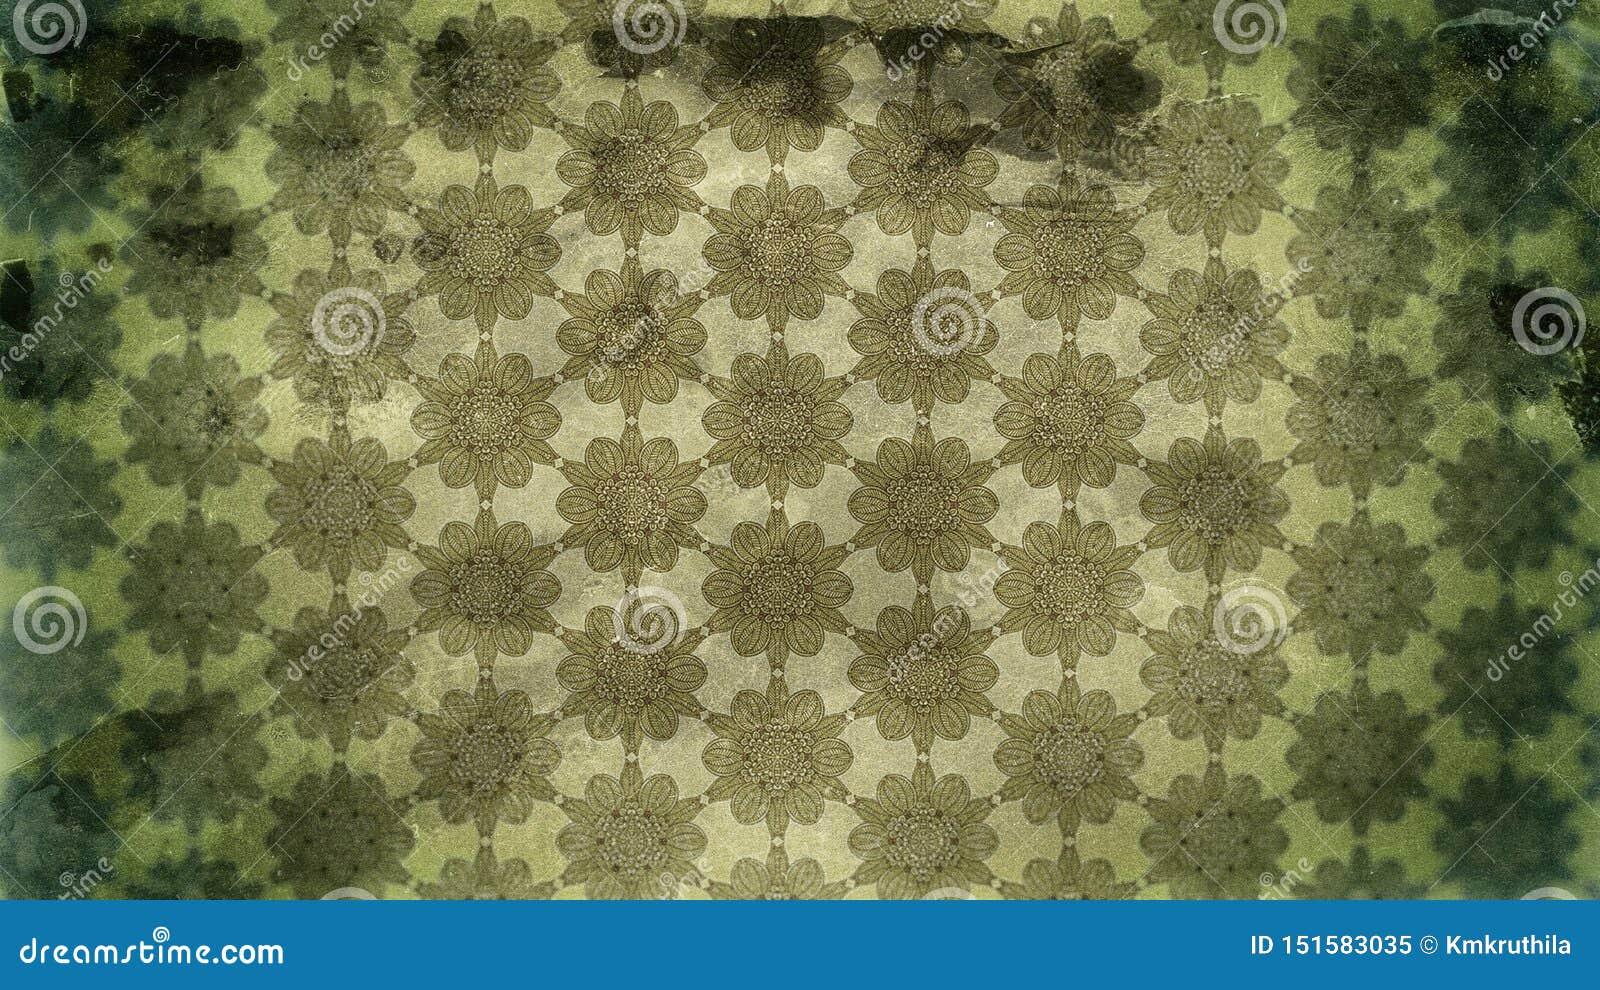 Dark Green Vintage Grunge Decorative Floral Wallpaper Pattern